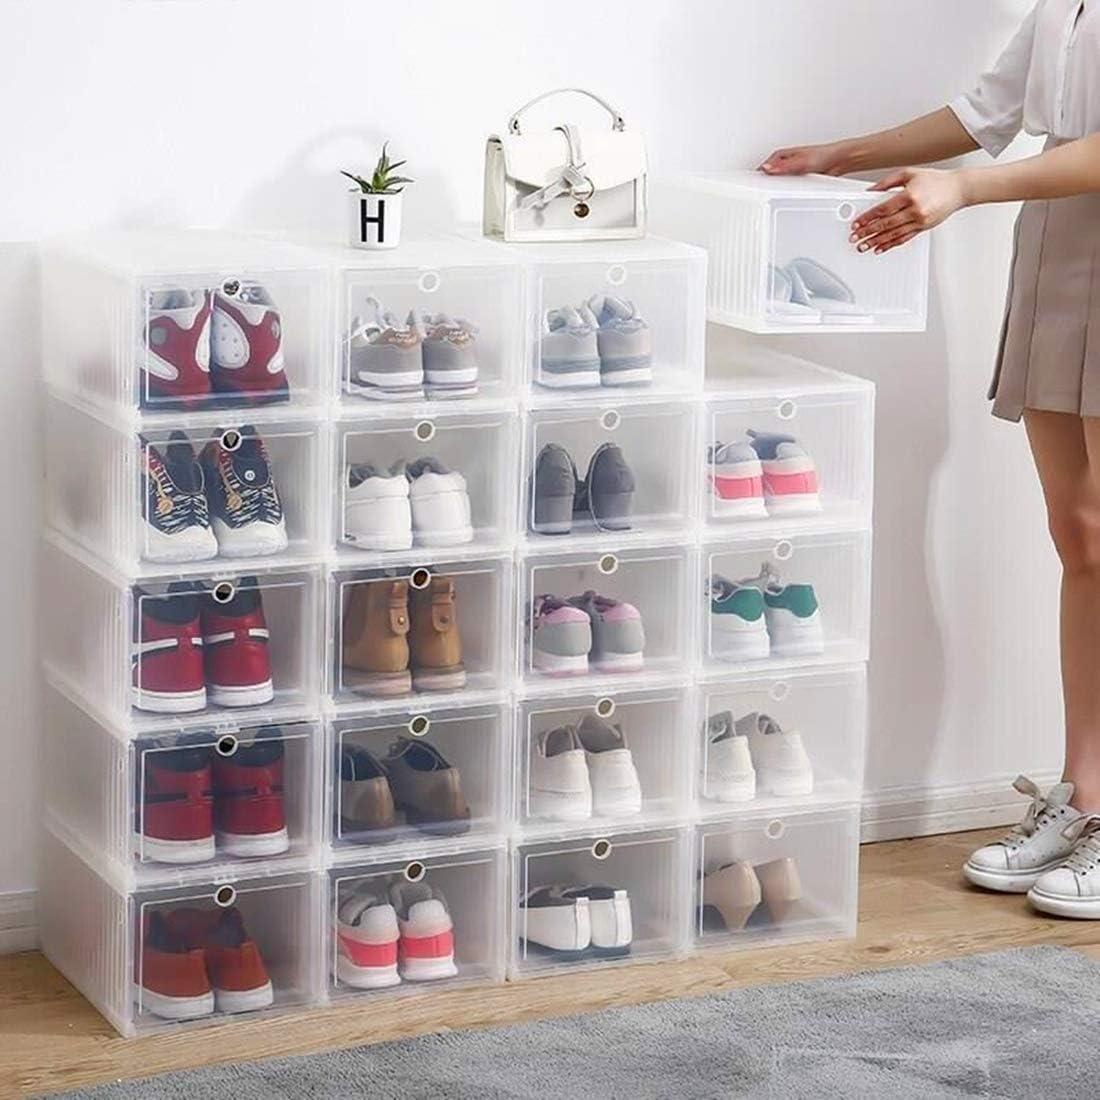 FLM Cajas de Almacenaje Plegable Juego de 3 Cajas de Zapatos Apilable Pl/ástico Transparente para Hombre y Mujer,33.5 x 23.5 x 14 cm